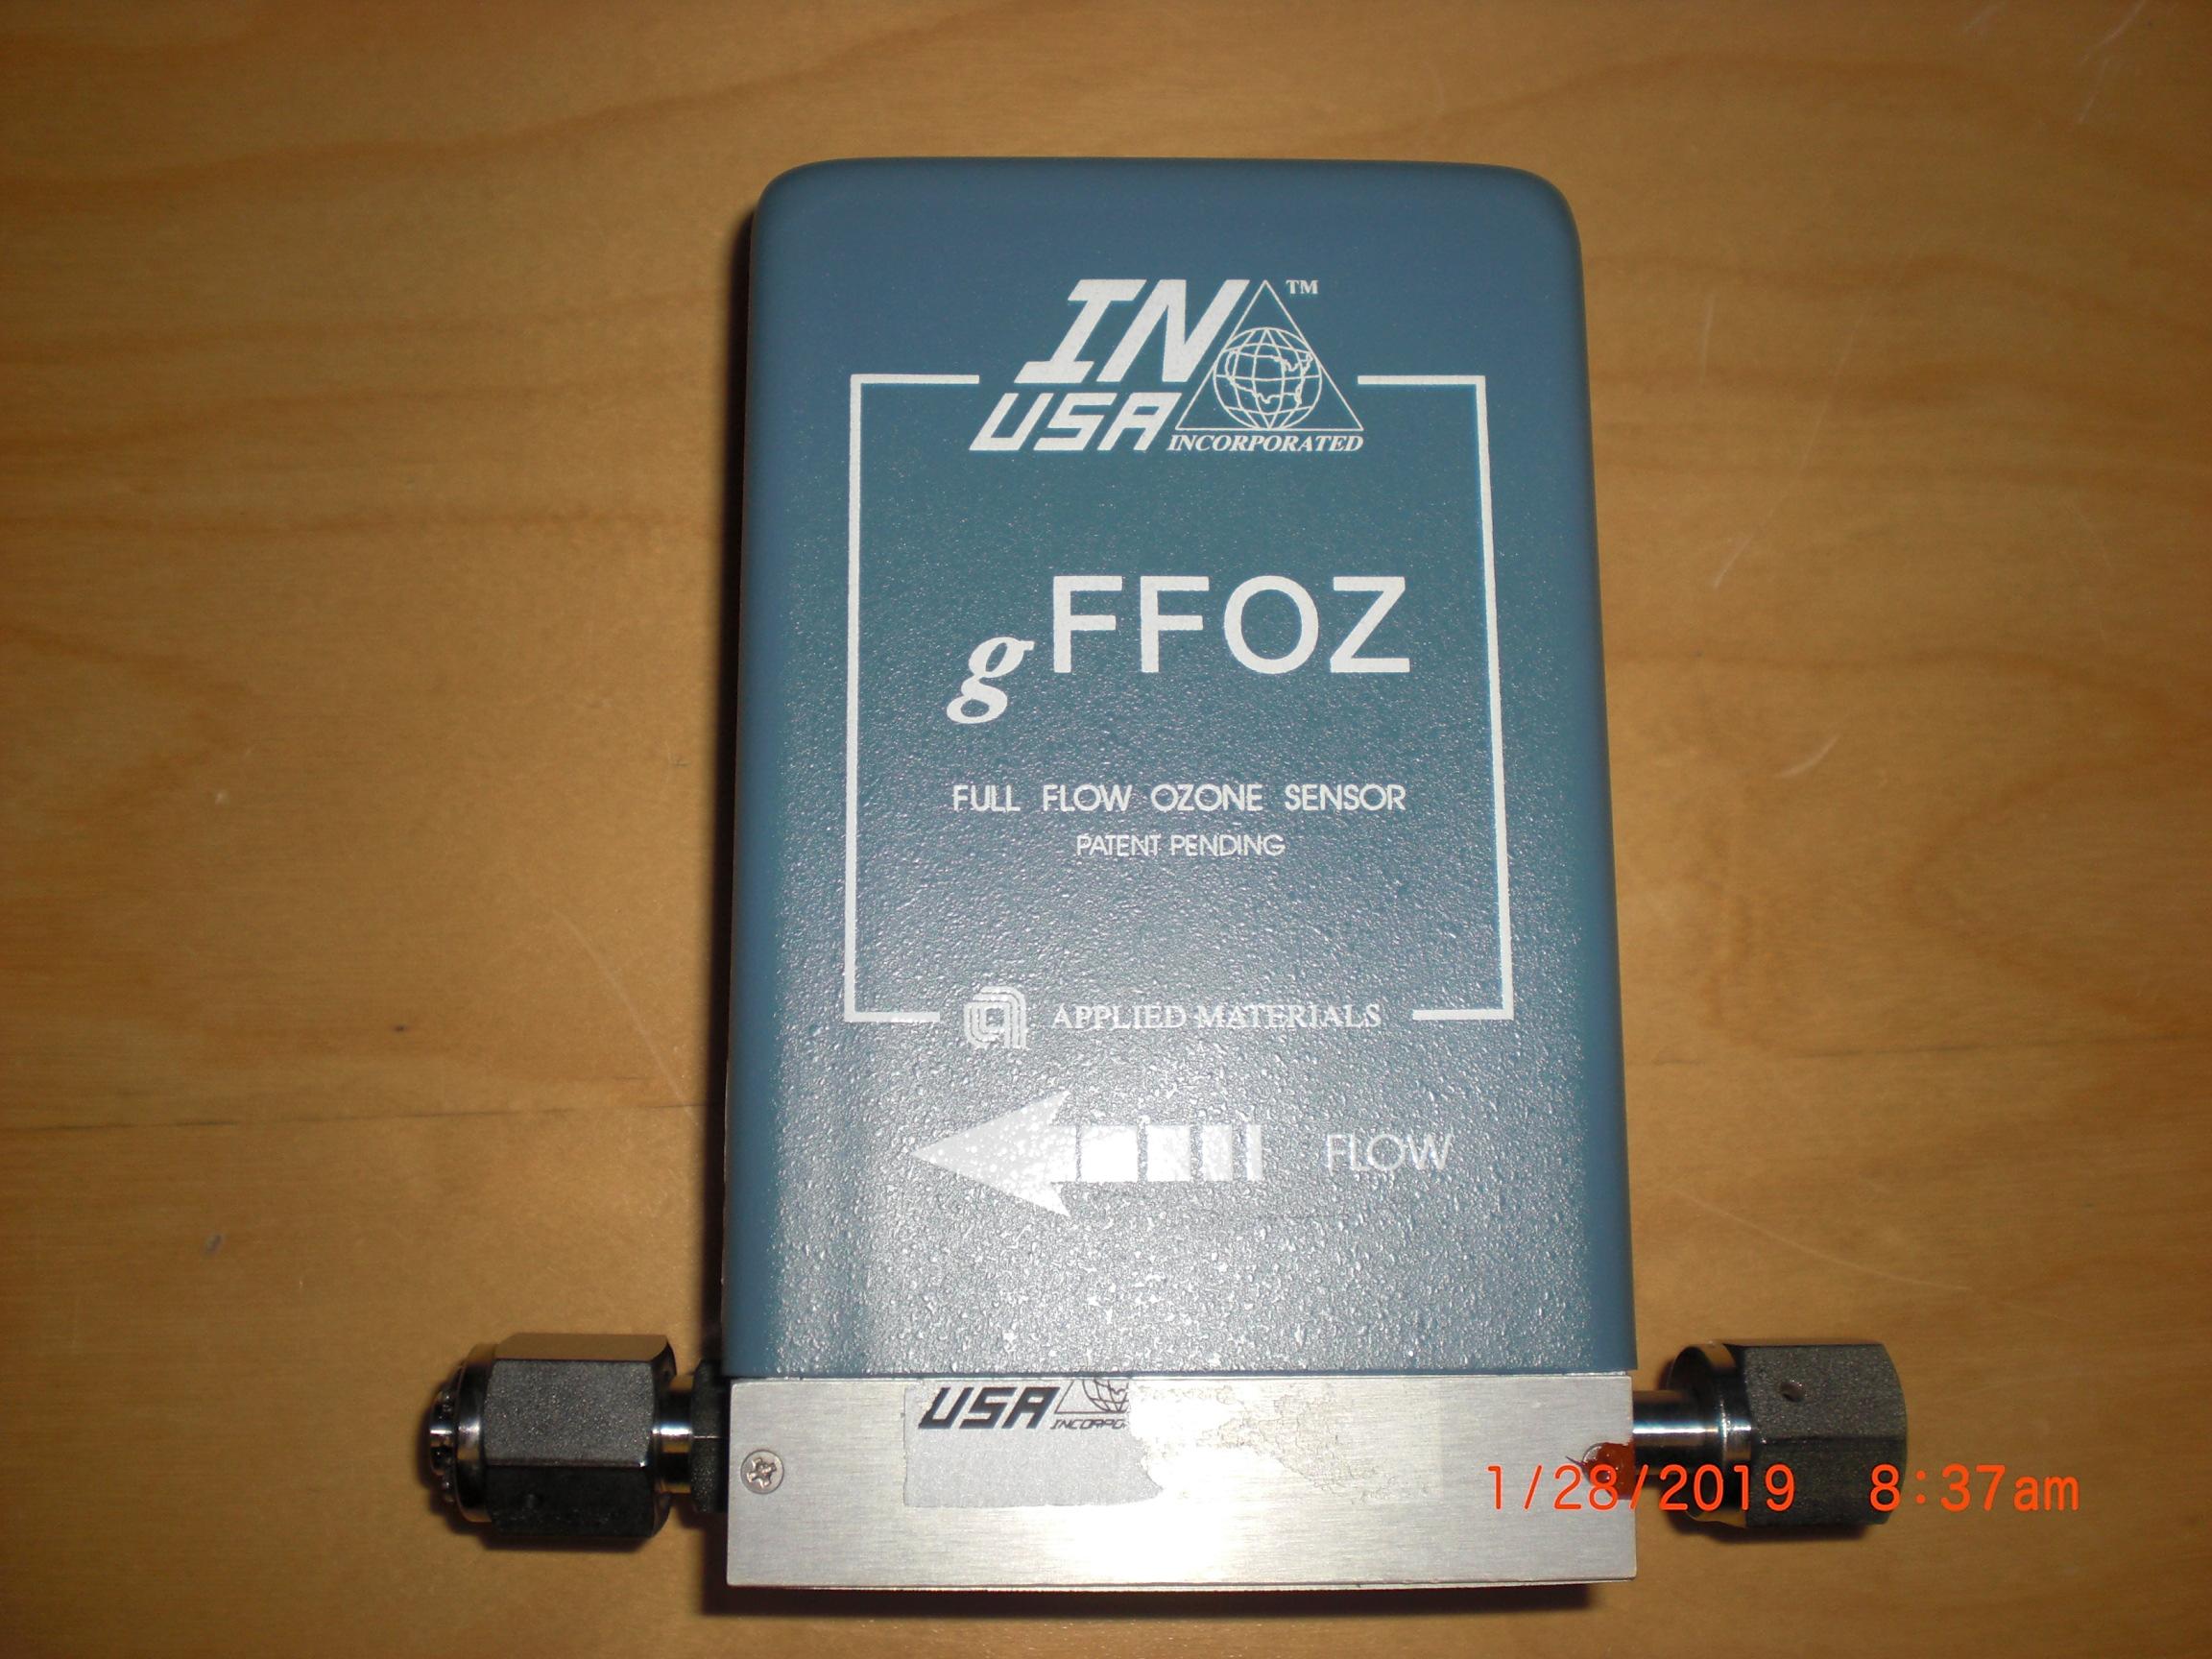 MFC IN USA gFFOZ (AMAT) 3030-06231 Full Flow OZONE Sensor